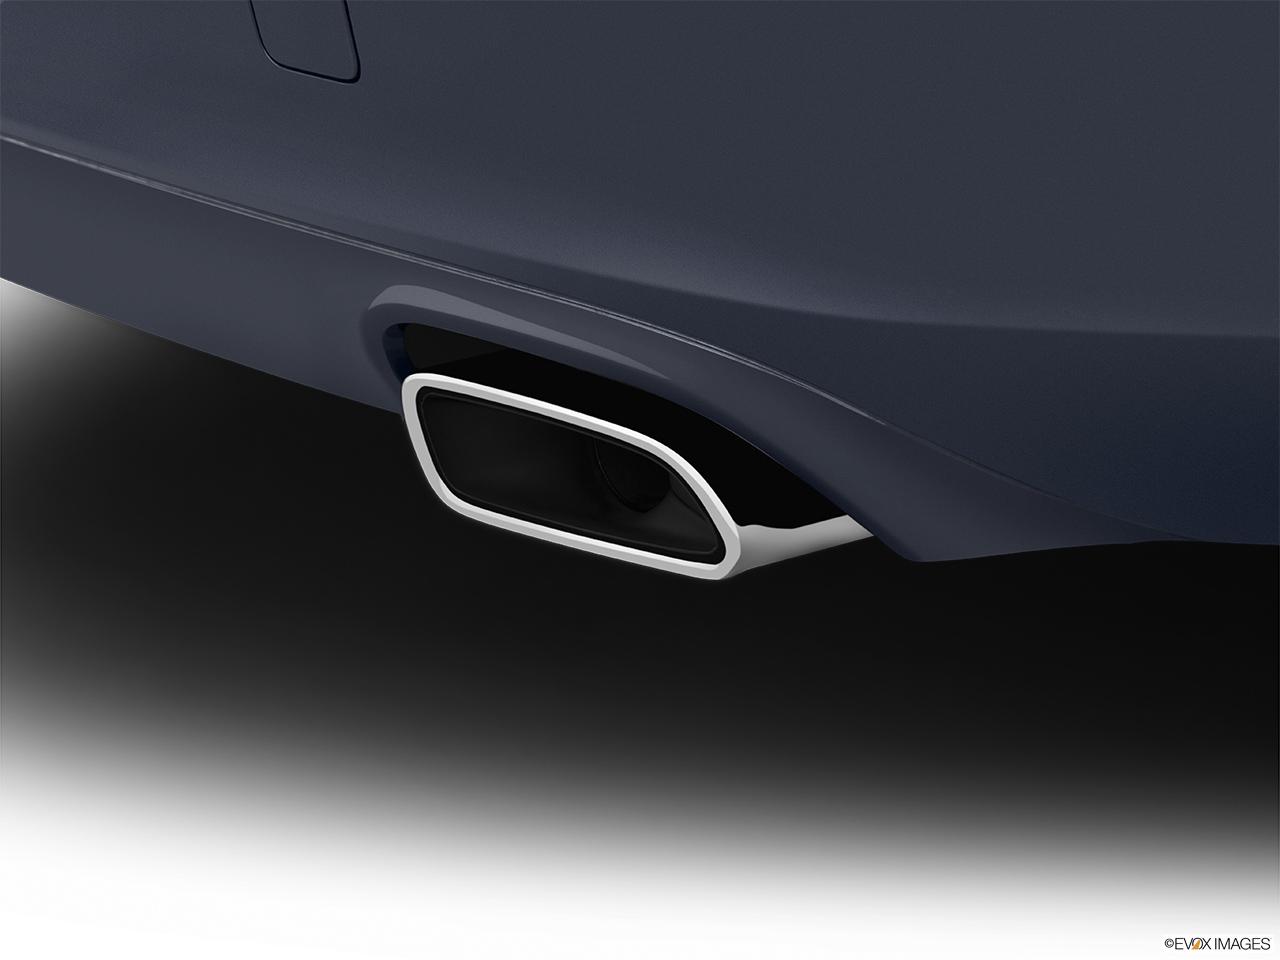 2015 Mercedes-Benz SLK-Class Roadster SLK350 - Chrome tip